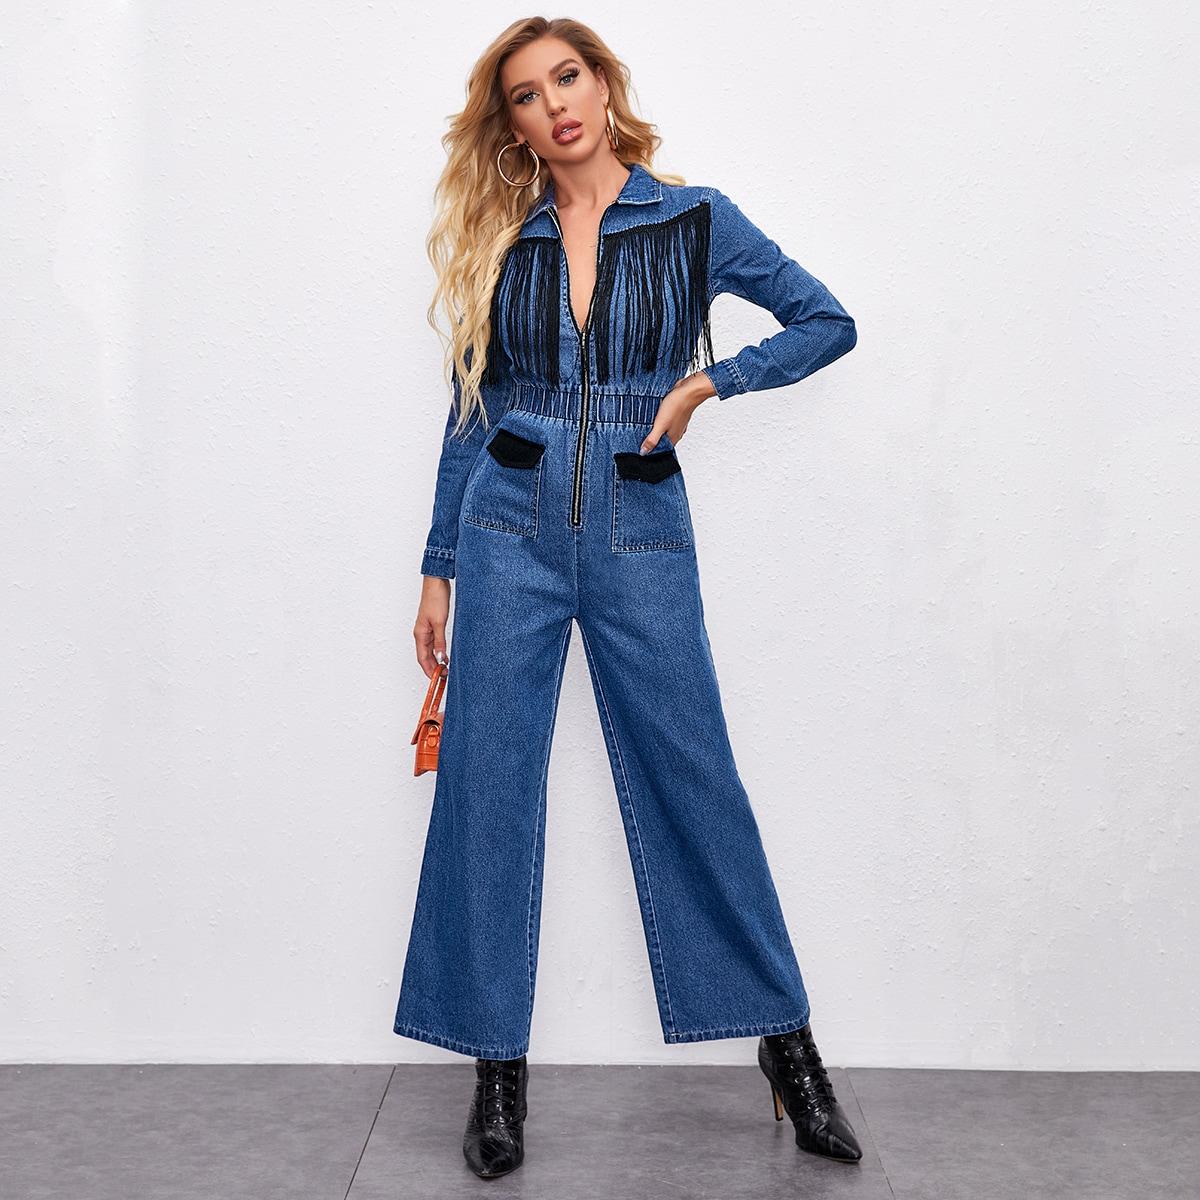 Широкий джинсовый комбинезон с бахромой